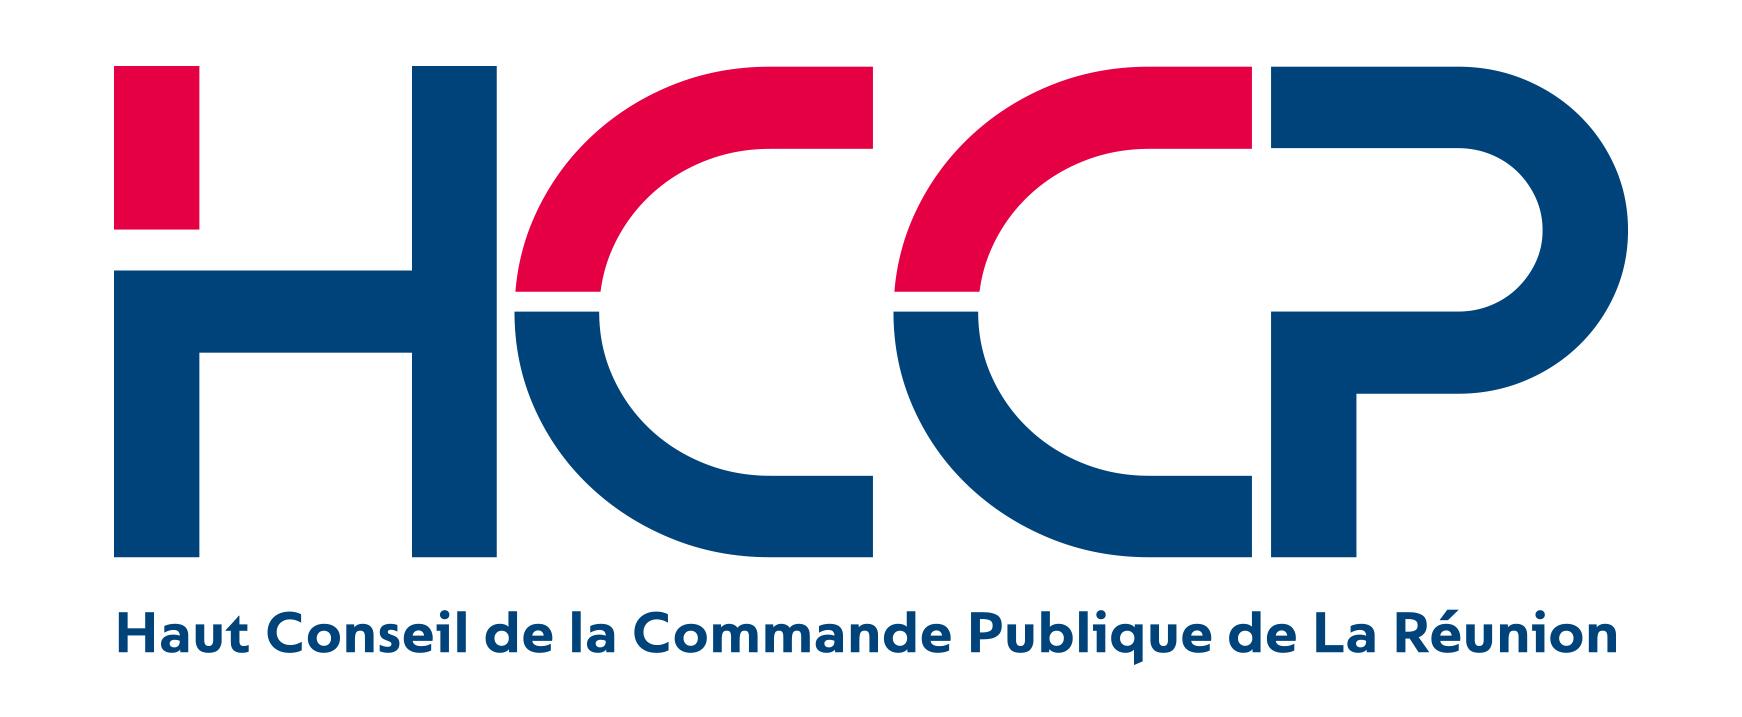 ENQUETE INEDITE – La Réunion interroge les TPE-PME sur leurs expériences et usages des marchés publics